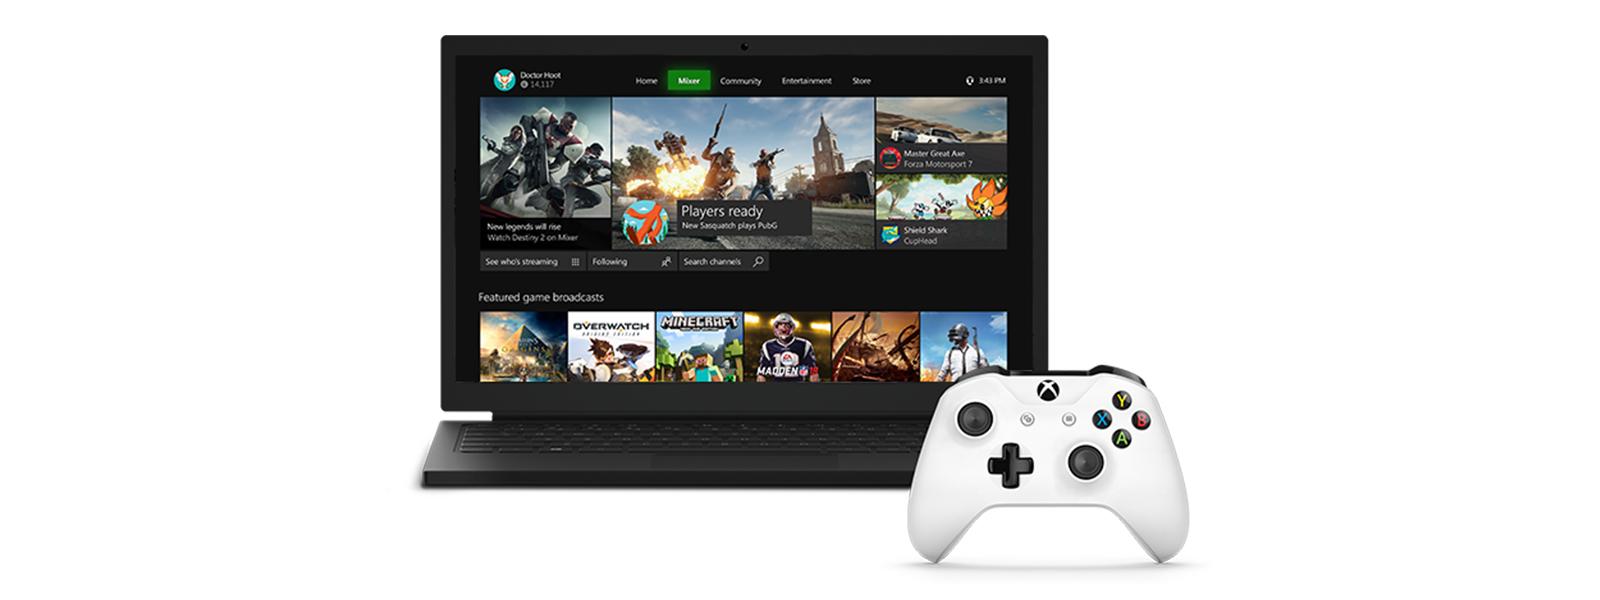 Nowy interfejs platformy Mixer do gier na komputerach z systemem Windows 10